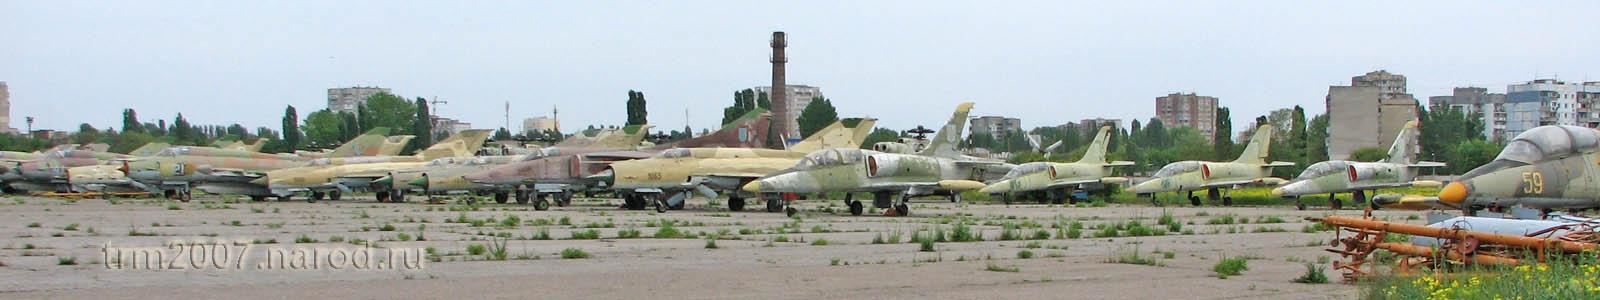 МИГ-21, Л-39 и МИГ-25 на Школьном аэродроме в Одессе